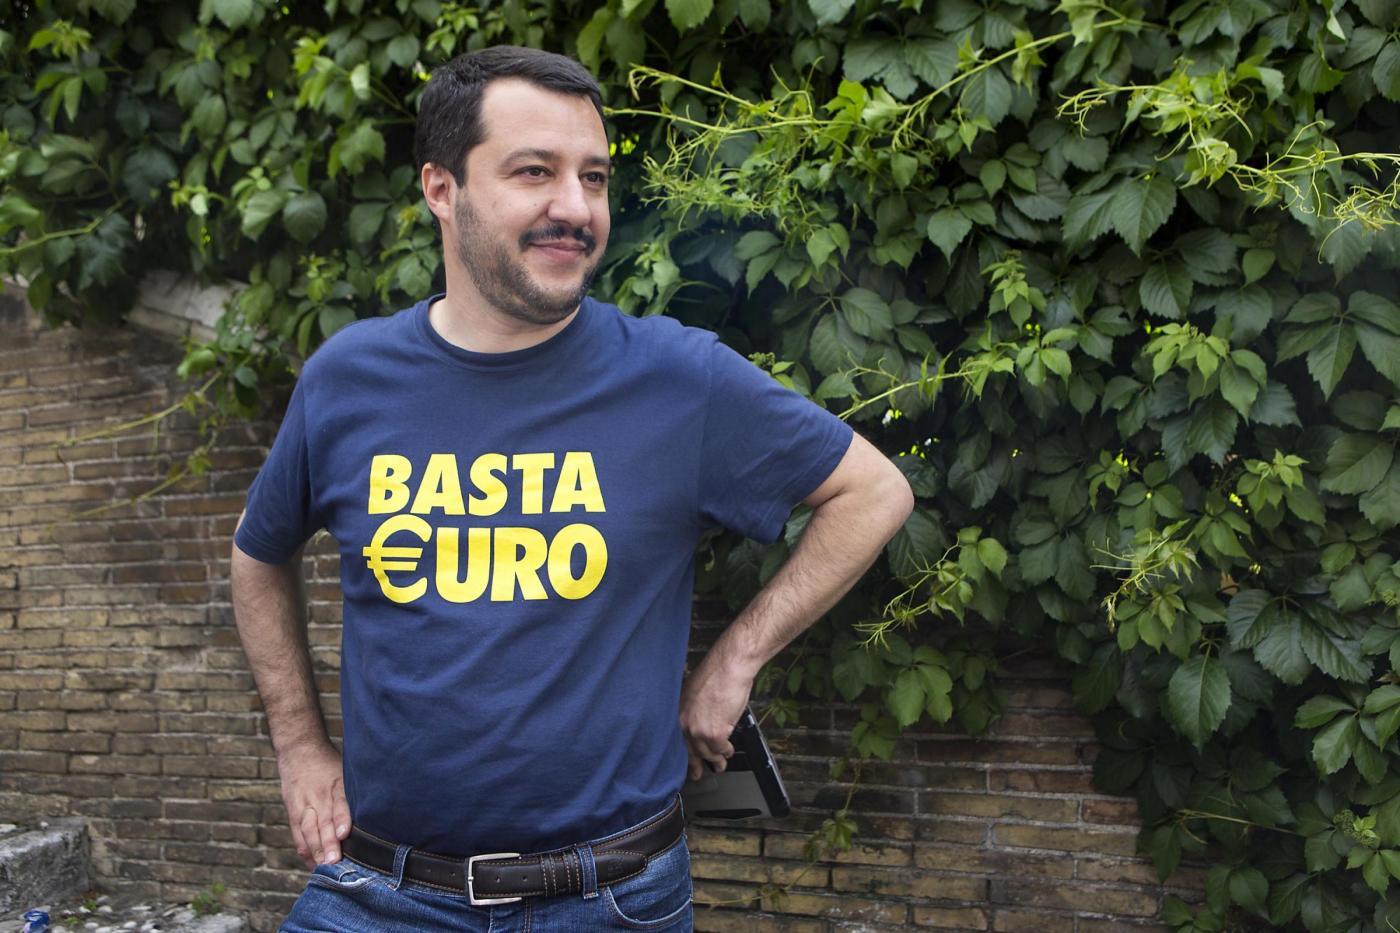 Elezioni Europee 2014: Matteo Salvini è il più forte su internet